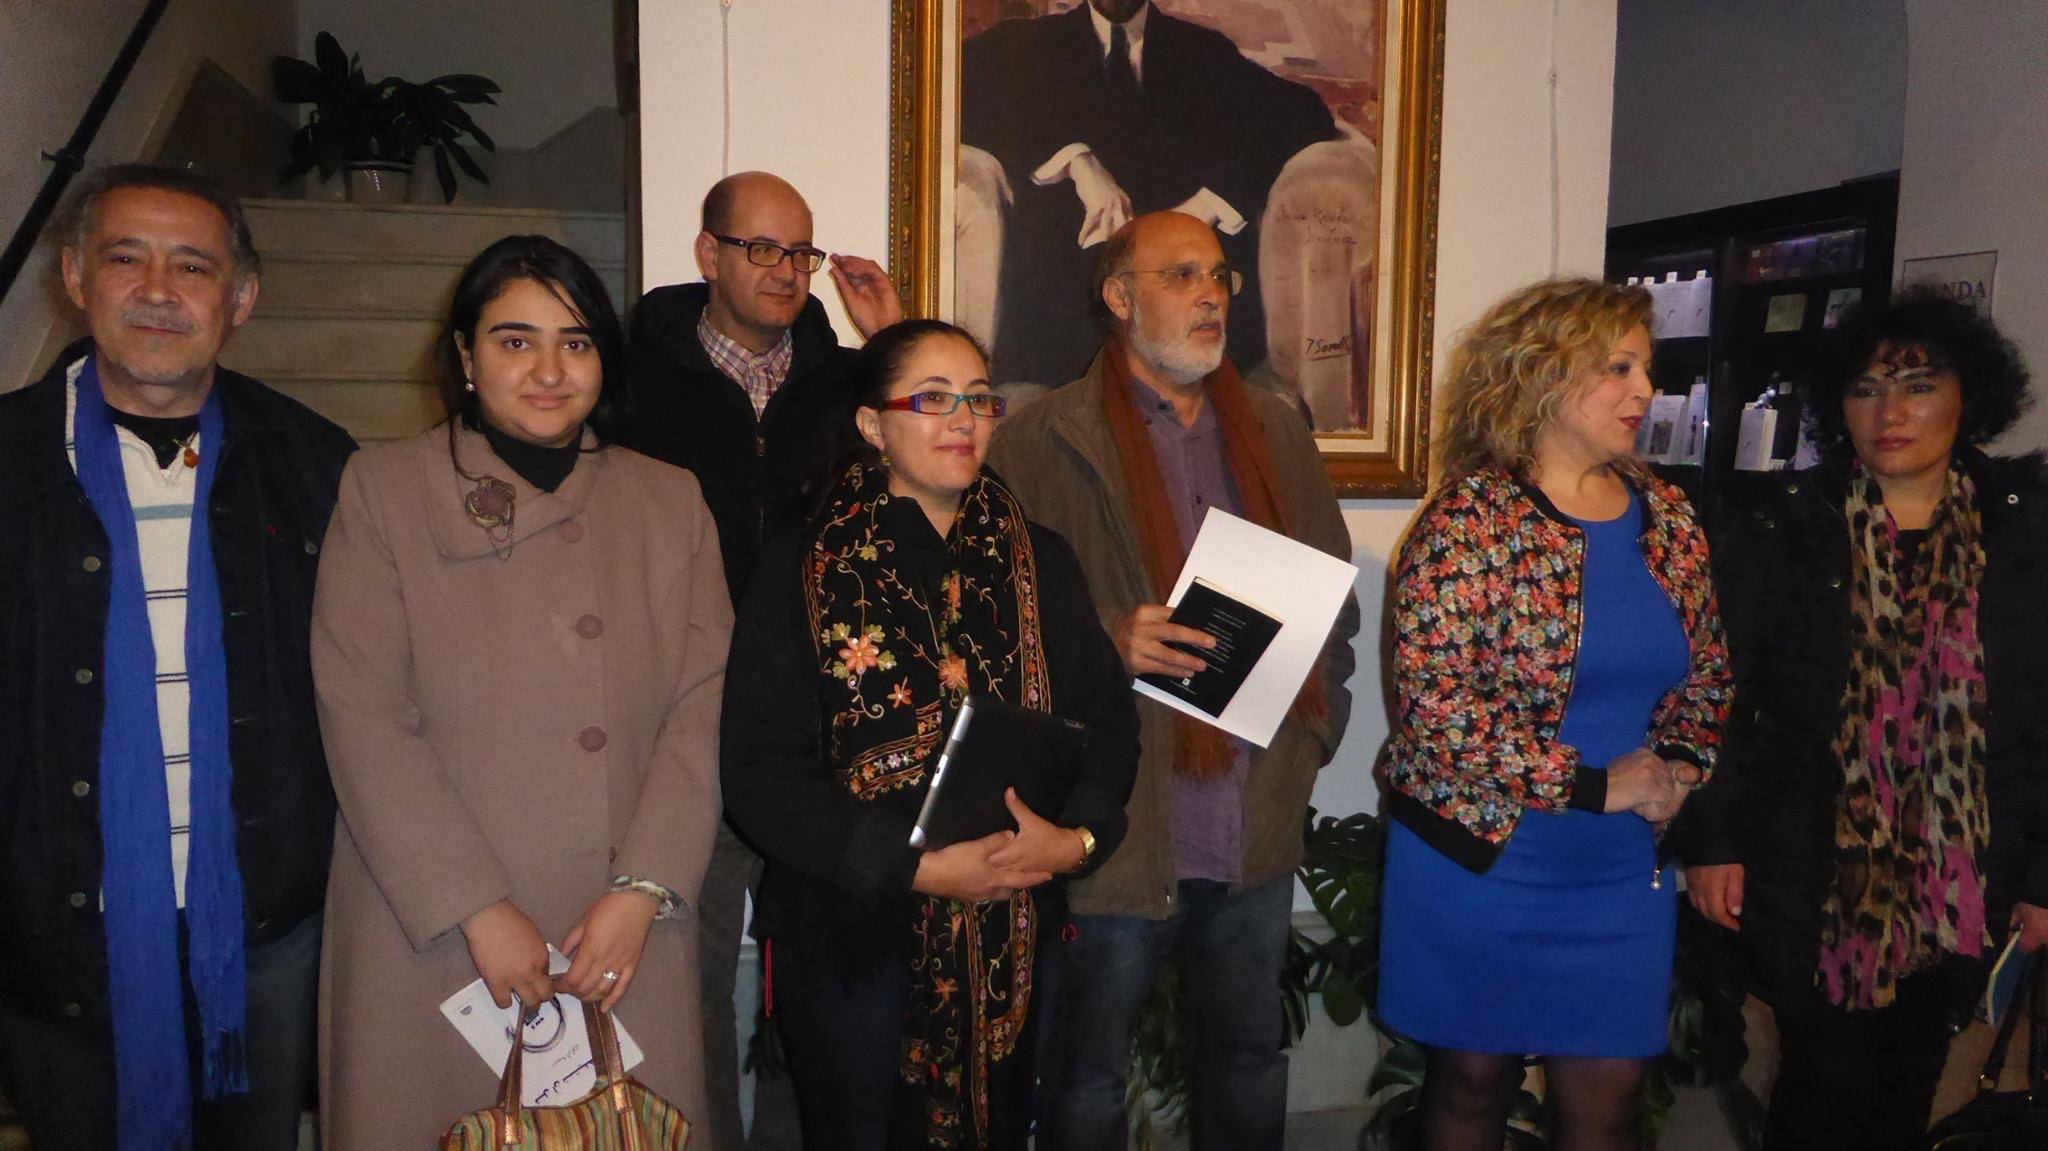 """الشاعرة و الفنانة المغربية الشاوي بشرائيل في الملتقى الاول للشعر العربي الأندلسي ب""""موغر"""" باسبانيا"""